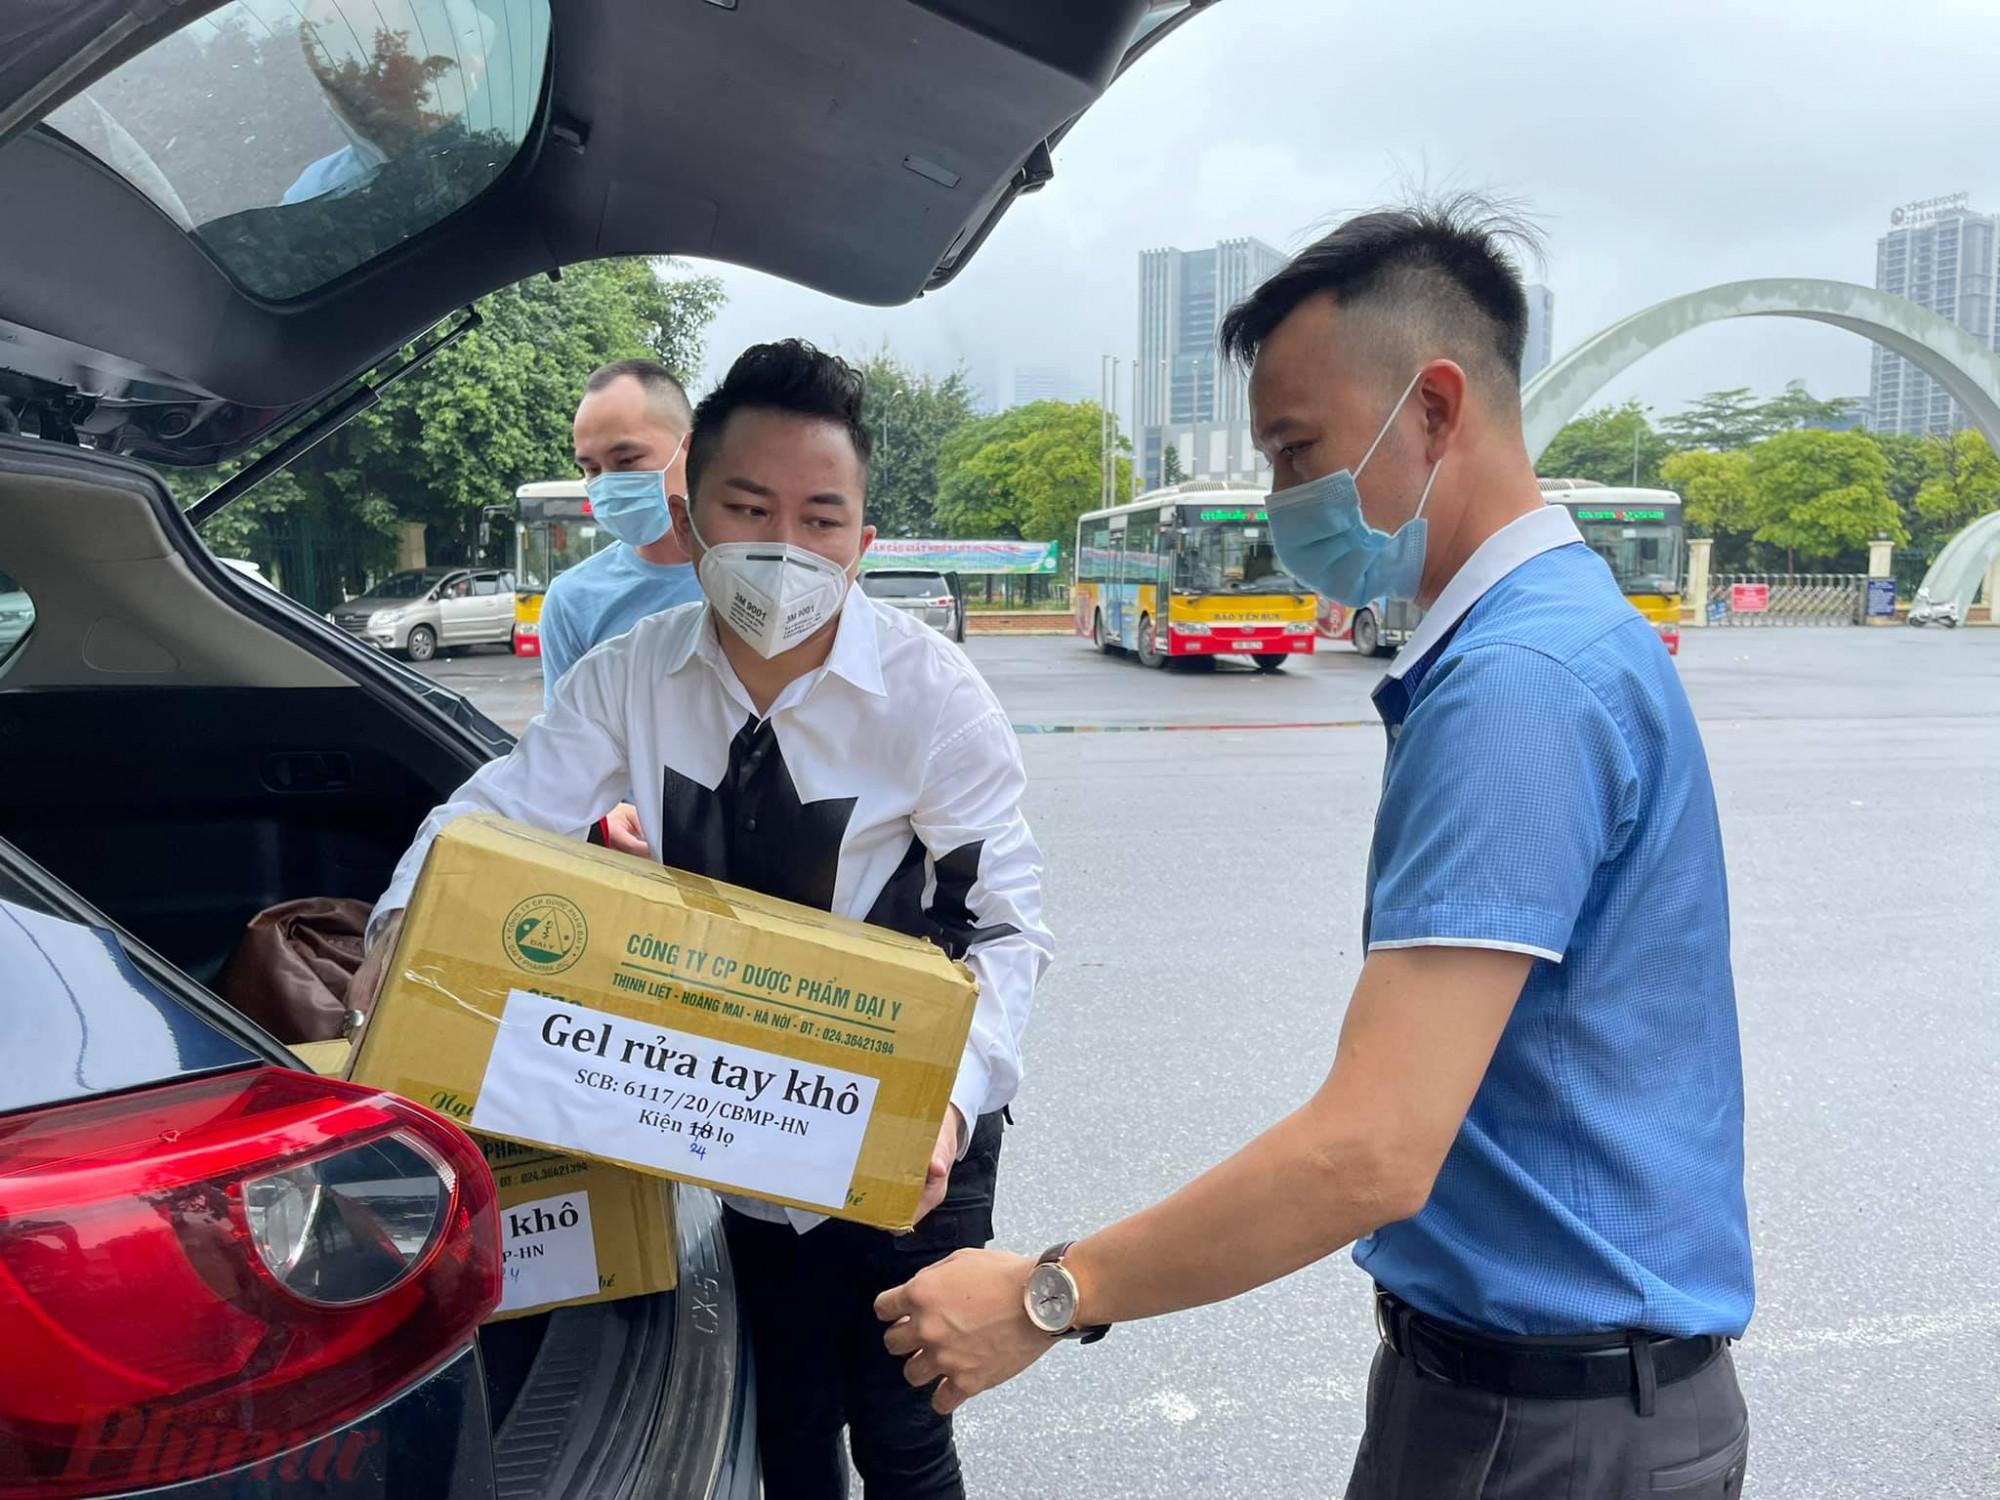 Ca sĩ Tùng Dương vừa hoàn thành đợt hỗ trợ thứ 4 giúp công tác phòng, chống dịch COVID-19.